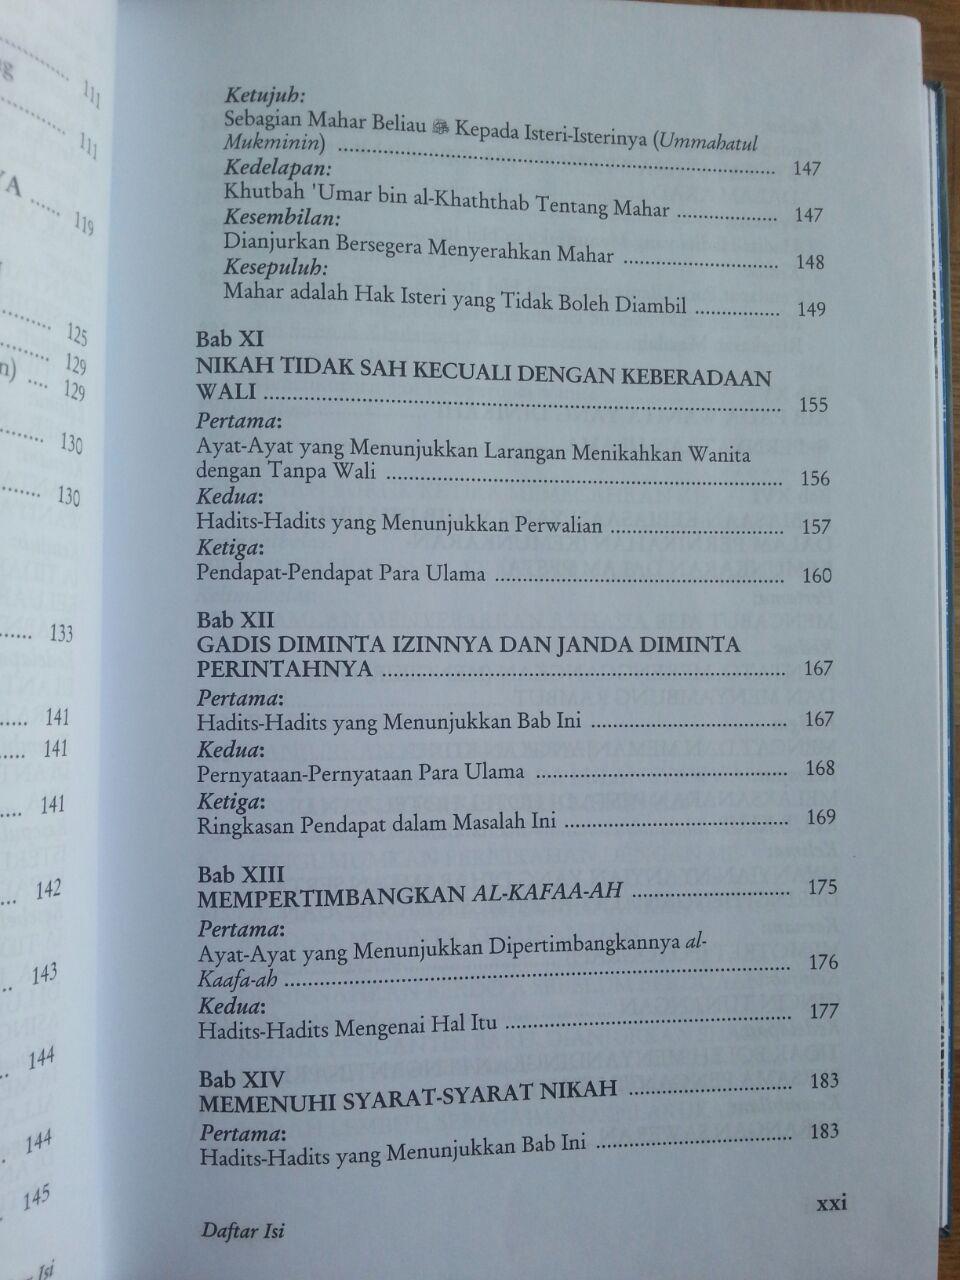 Buku Panduan Lengkap Nikah Dari A Sampai Z isi 3